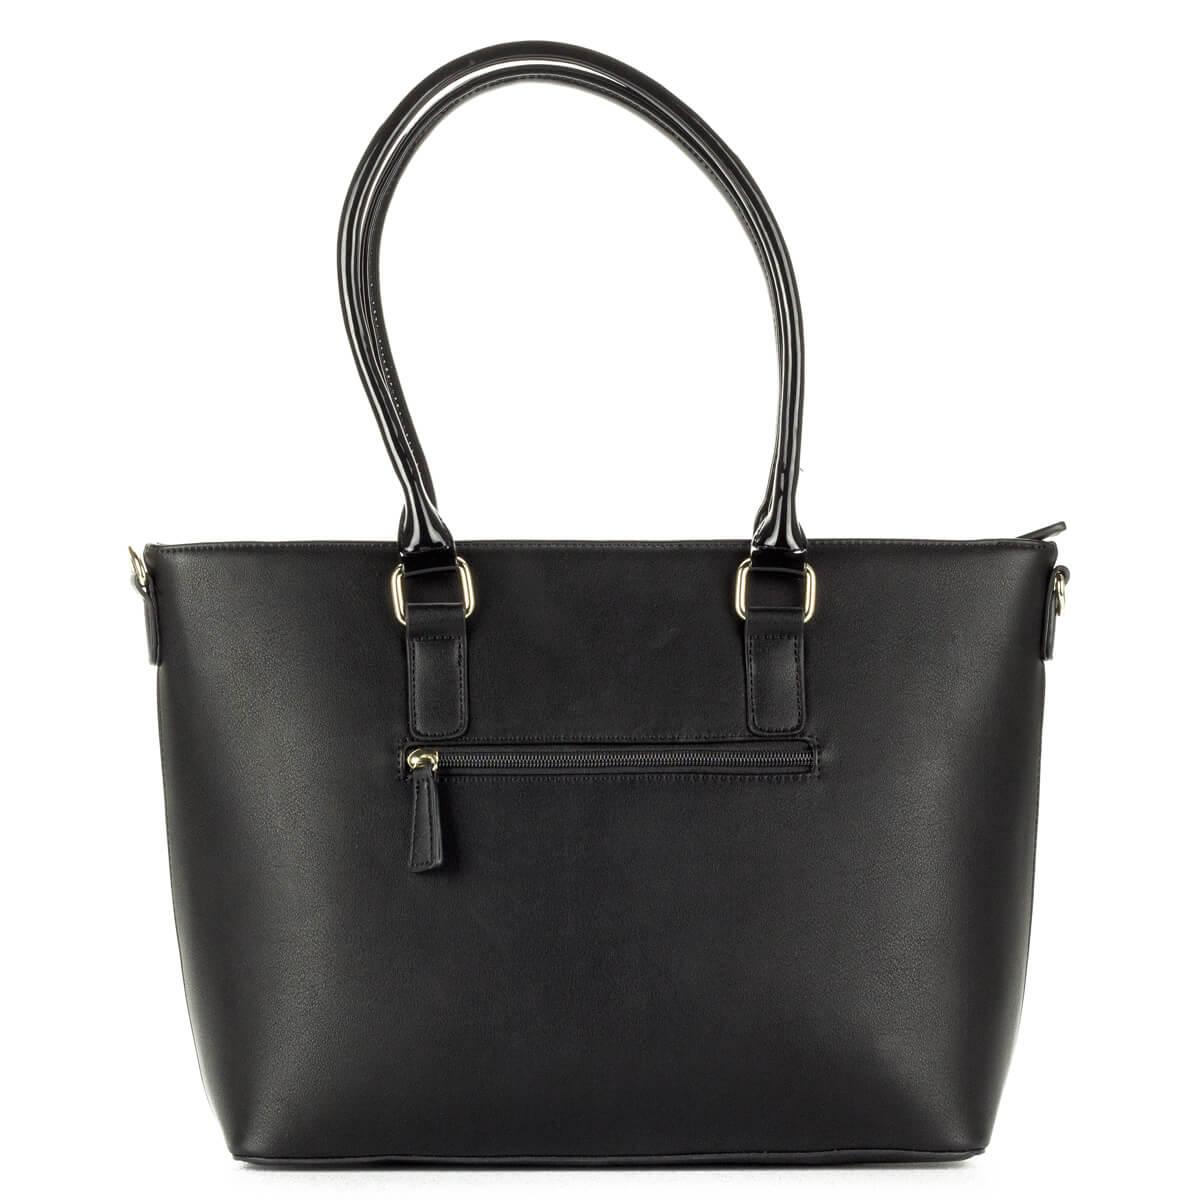 7f4a6ff053 ... Fekete Pabia táska nyomott mintával, nagy belső térrel. A táska füle  lakk, hosszú